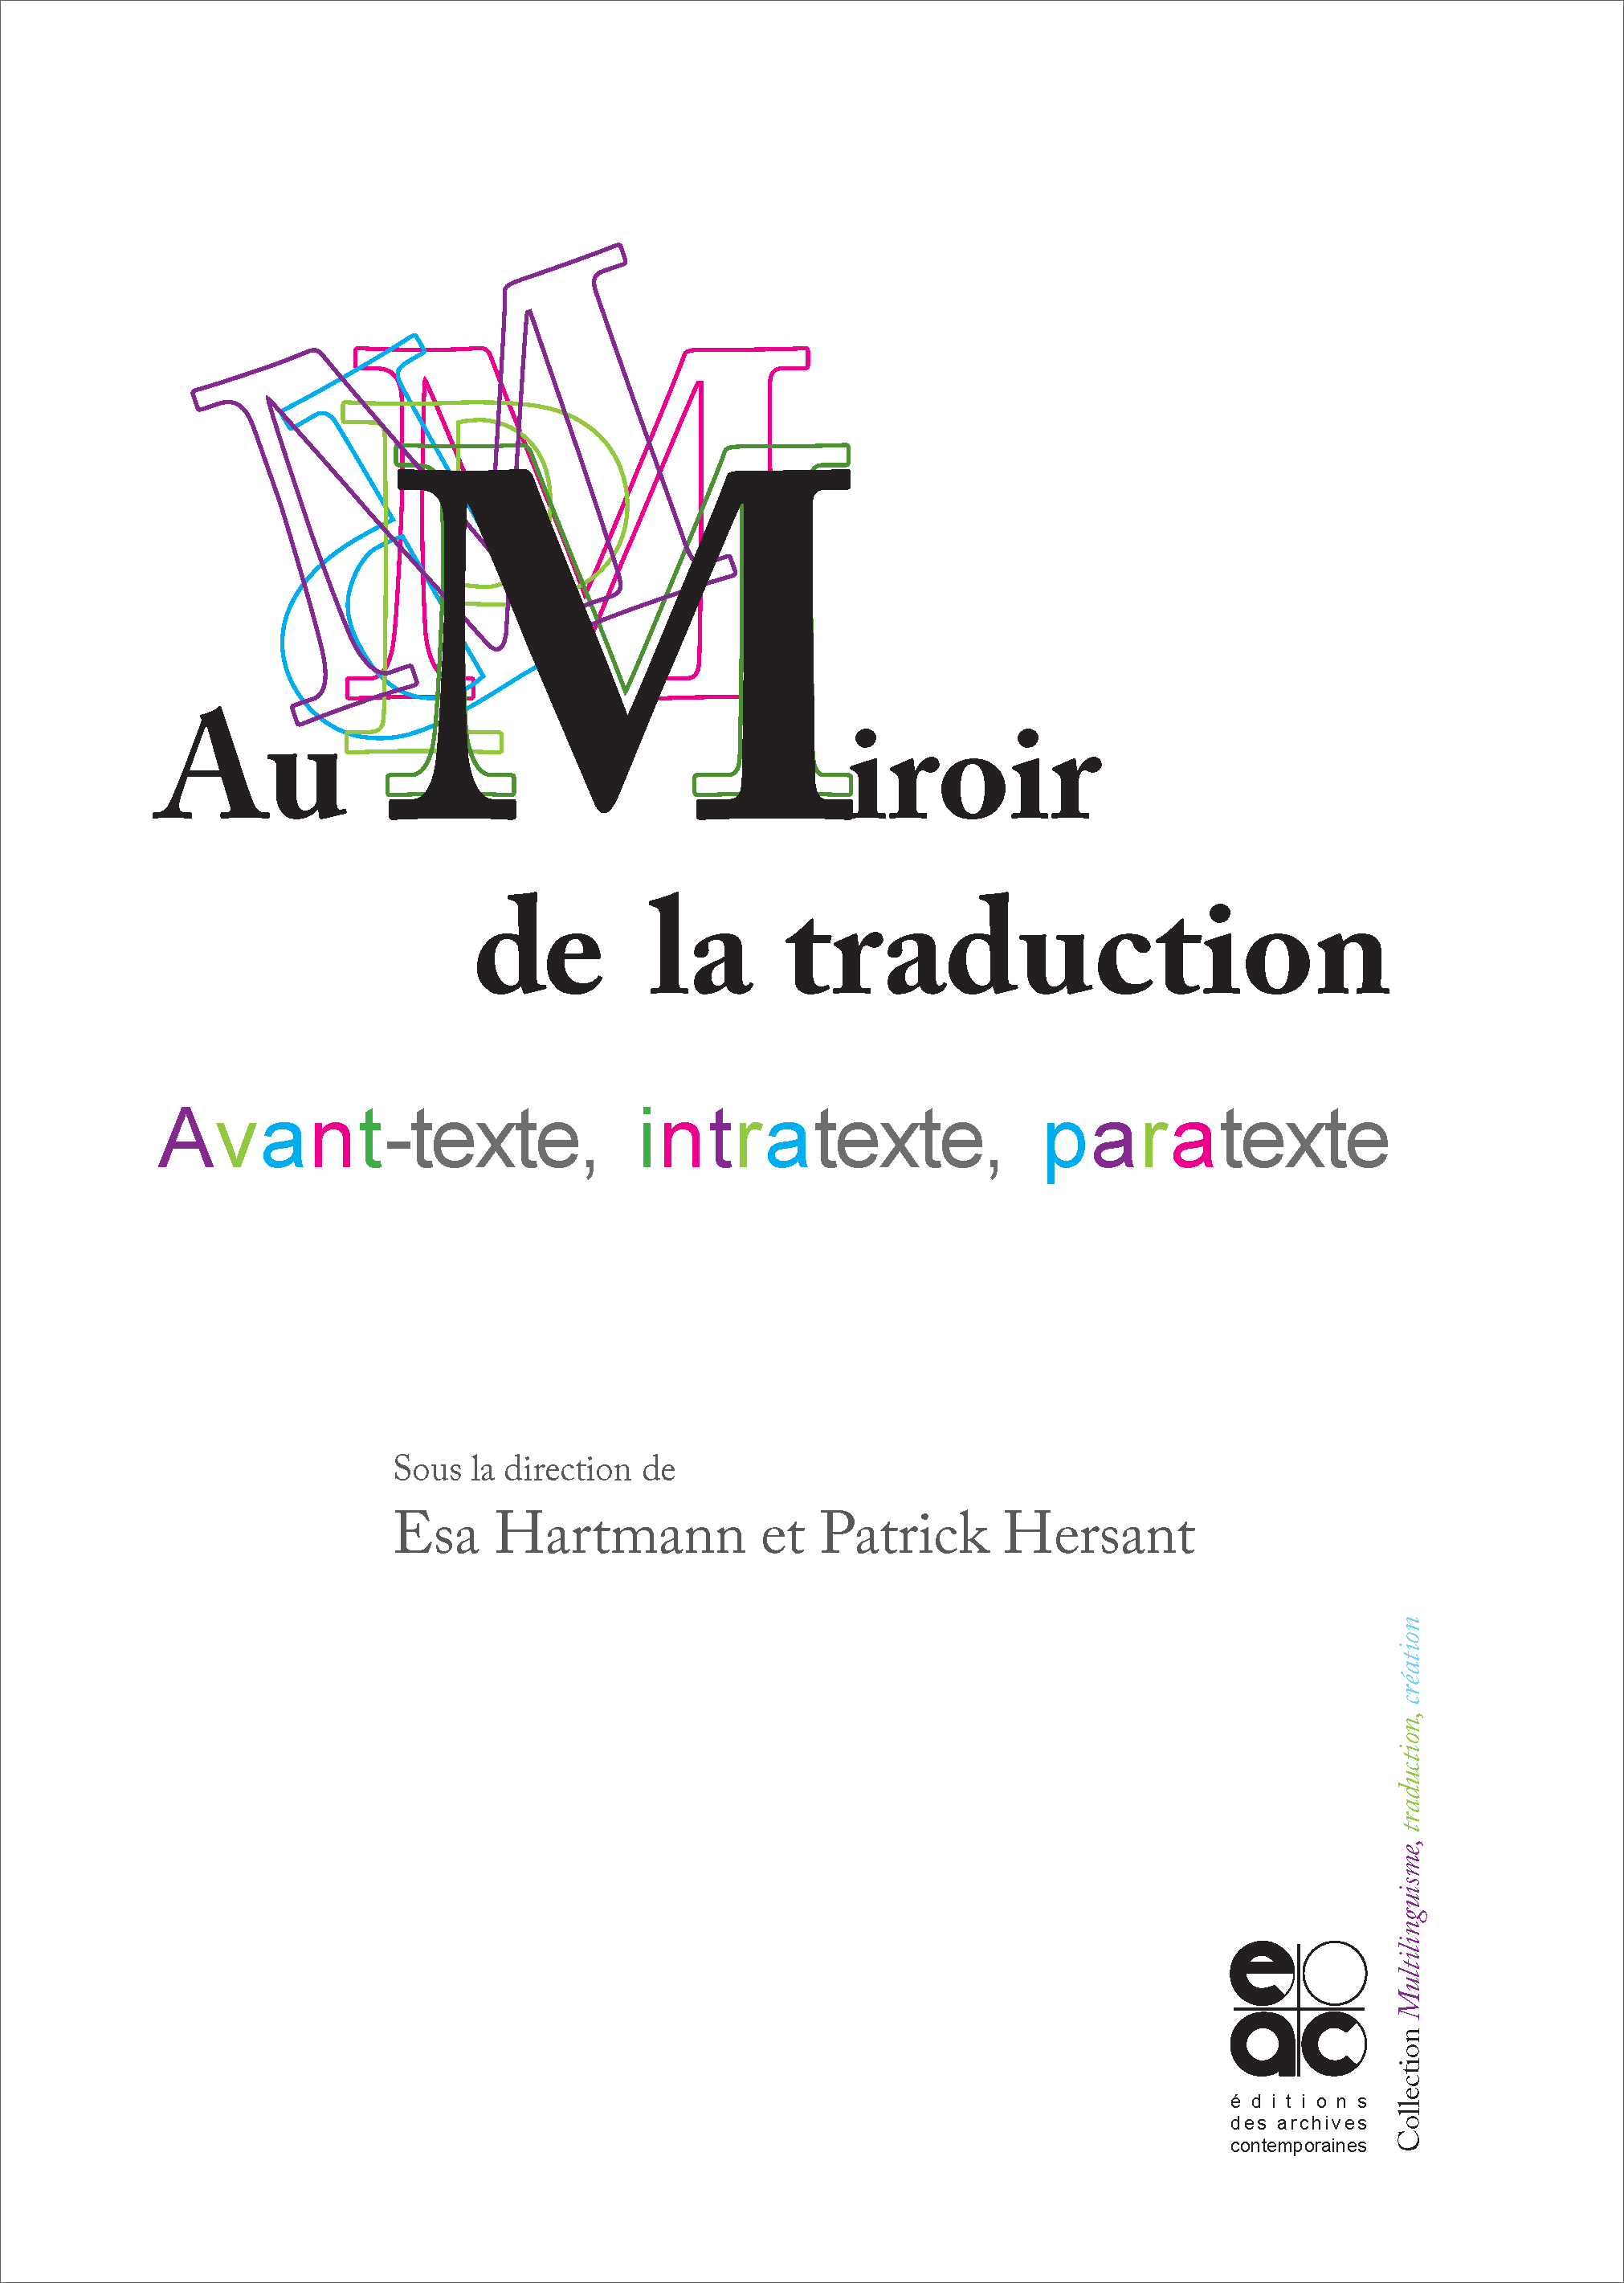 E. Hartmann, P. Hersant (dir.), Au miroir de la traduction. Avant-texte, intratexte, paratexte